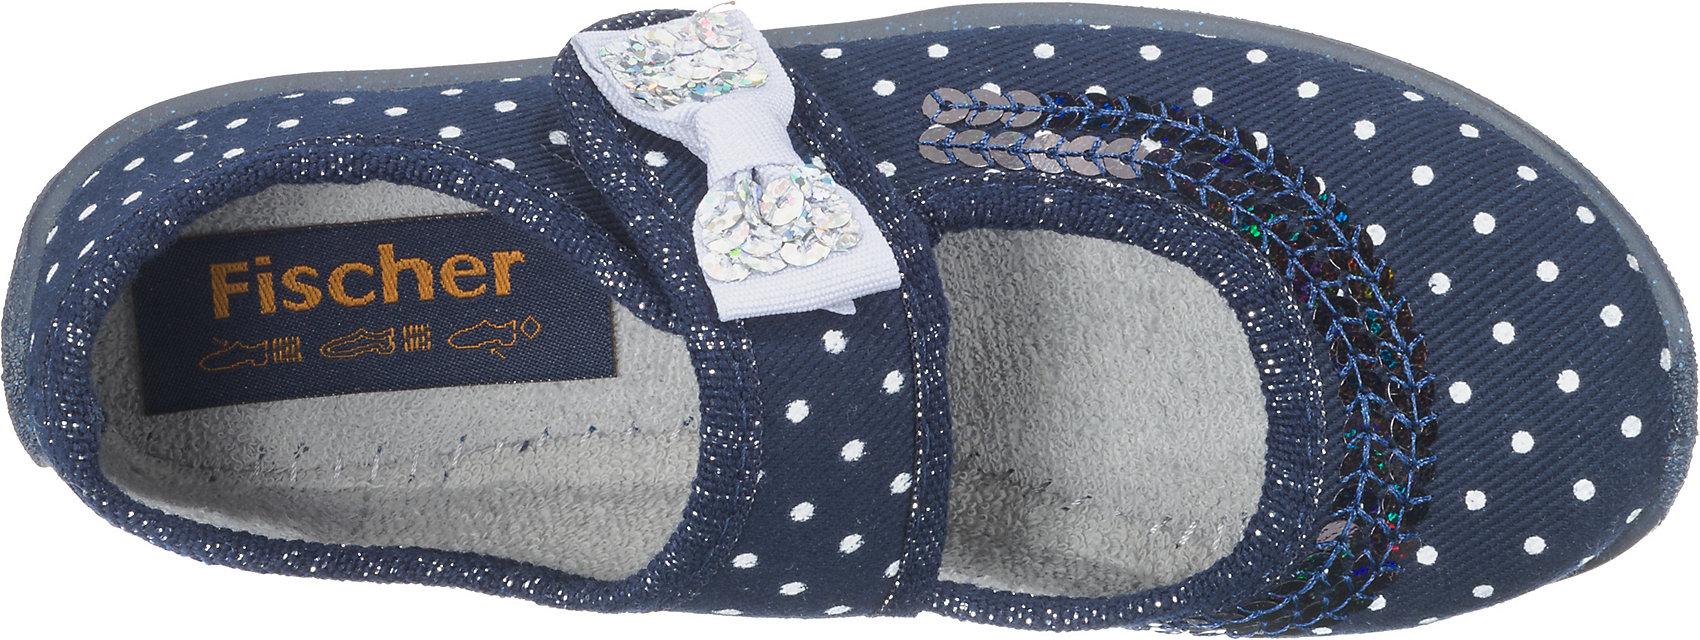 Schleife 10264318 für Mädchen Neu Fischer-Markenschuh Hausschuhe für Mädchen